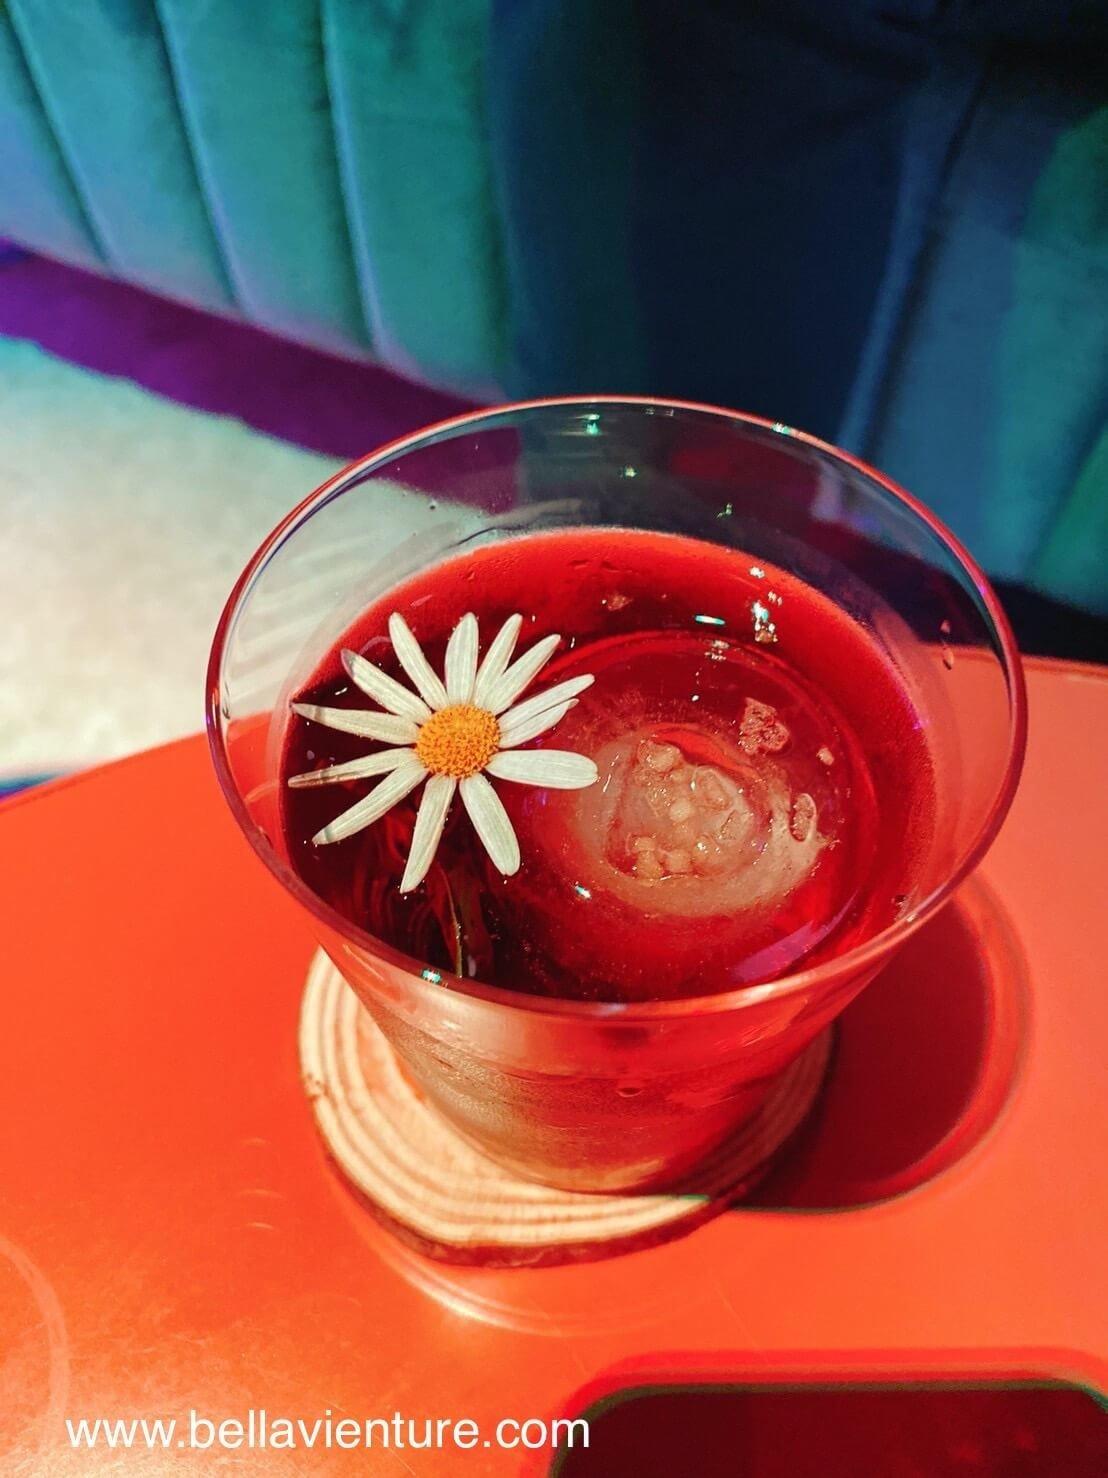 台北 信義區 She_Design TAPAS SOJU BAR 調酒 please listen